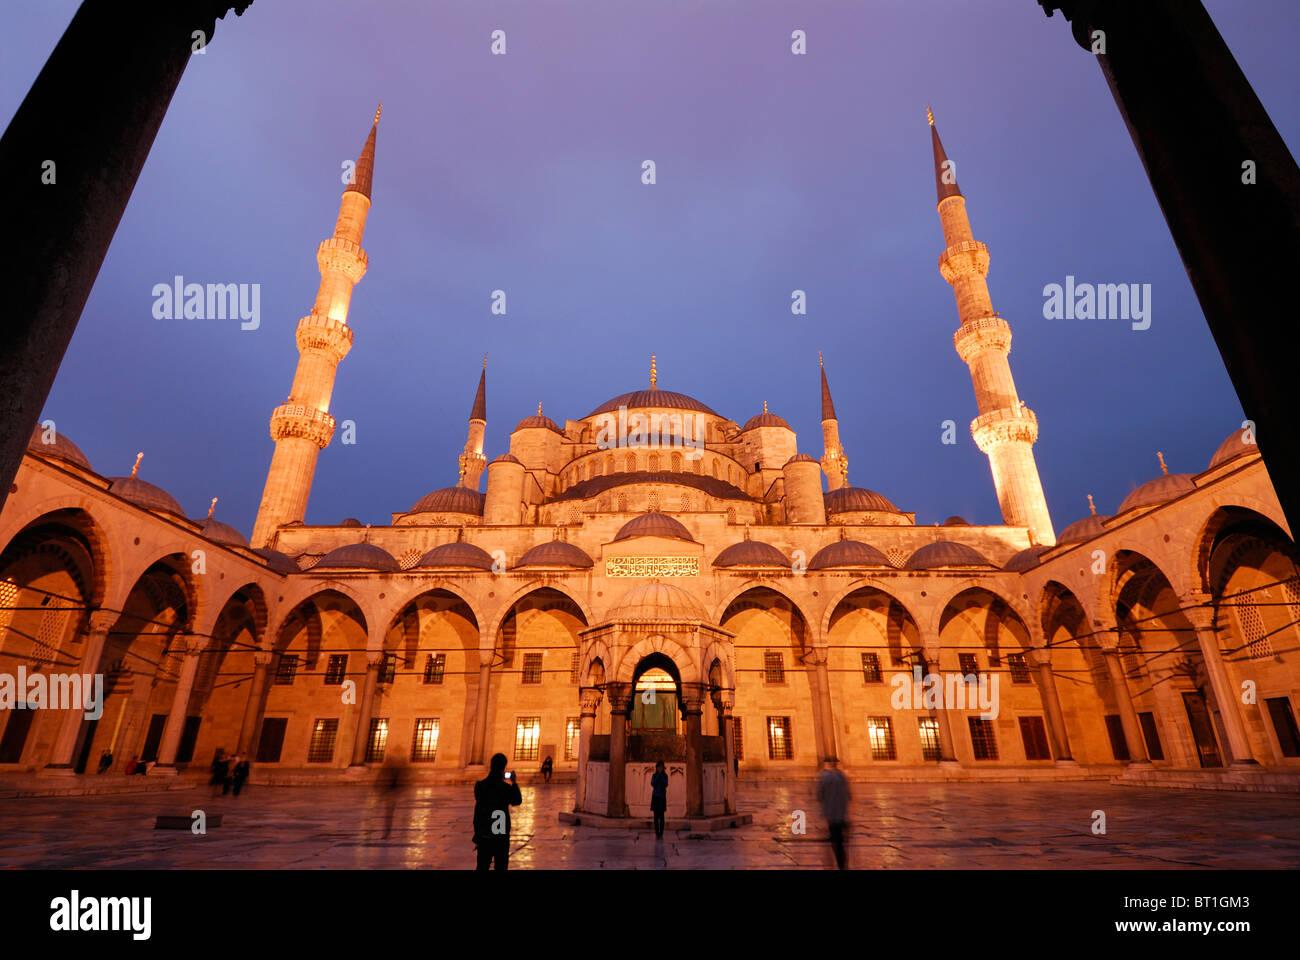 Istanbul. Turkei. Blaue Moschee, Sultanahmet. Stockbild